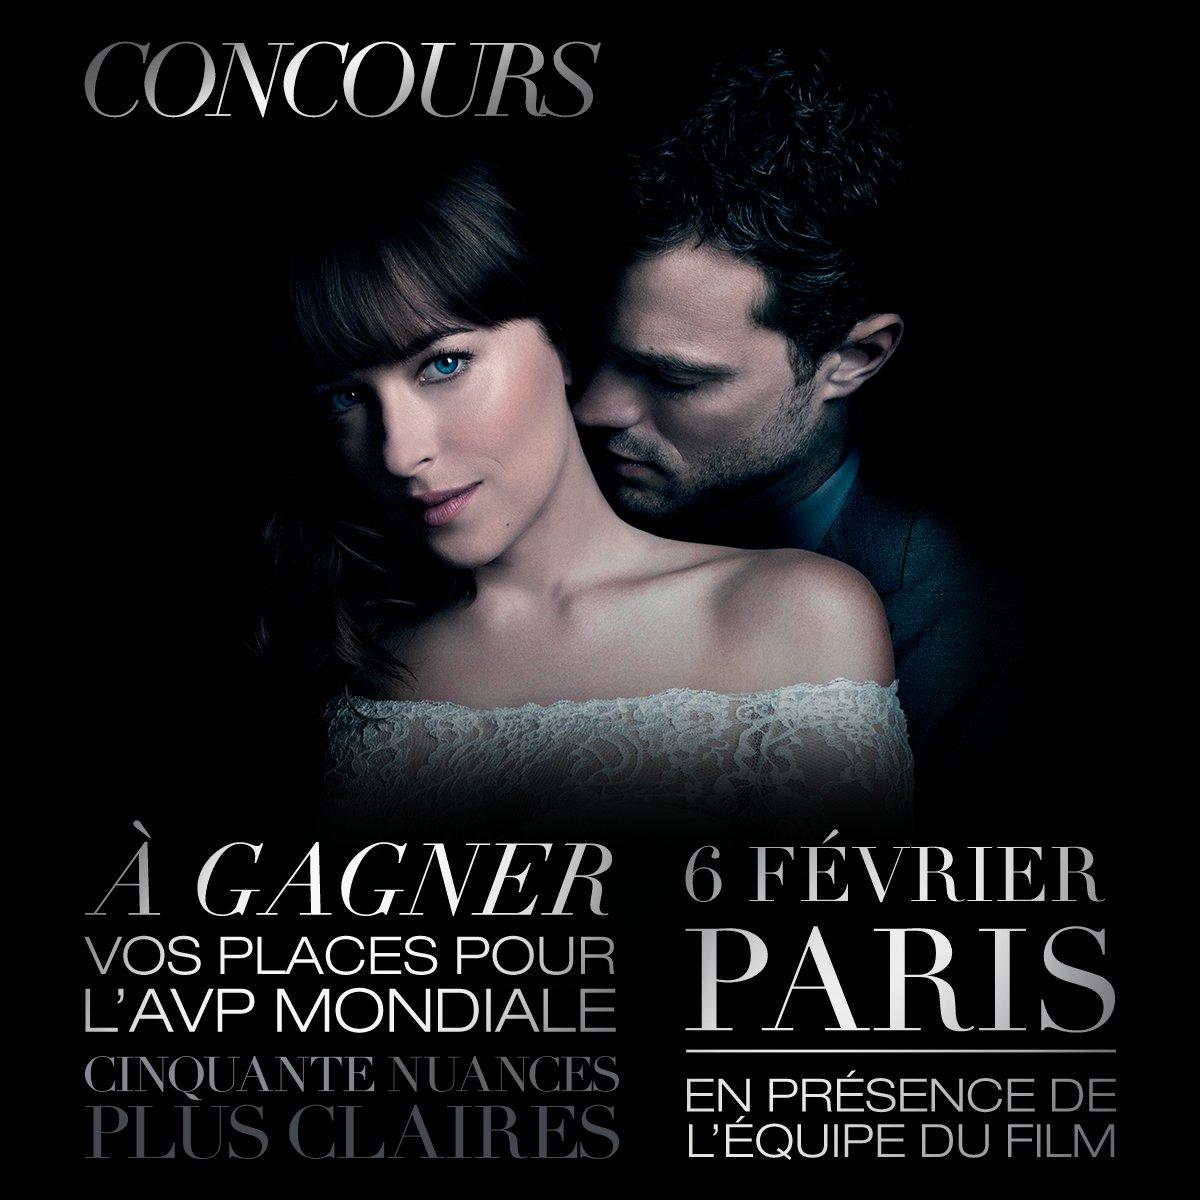 RT @UniversalFR: Tentez de gagner vos places pour l'AVP mondiale de #CinquanteNuances Plus Claires, le mardi 6 février 2018 à Paris, en pré…